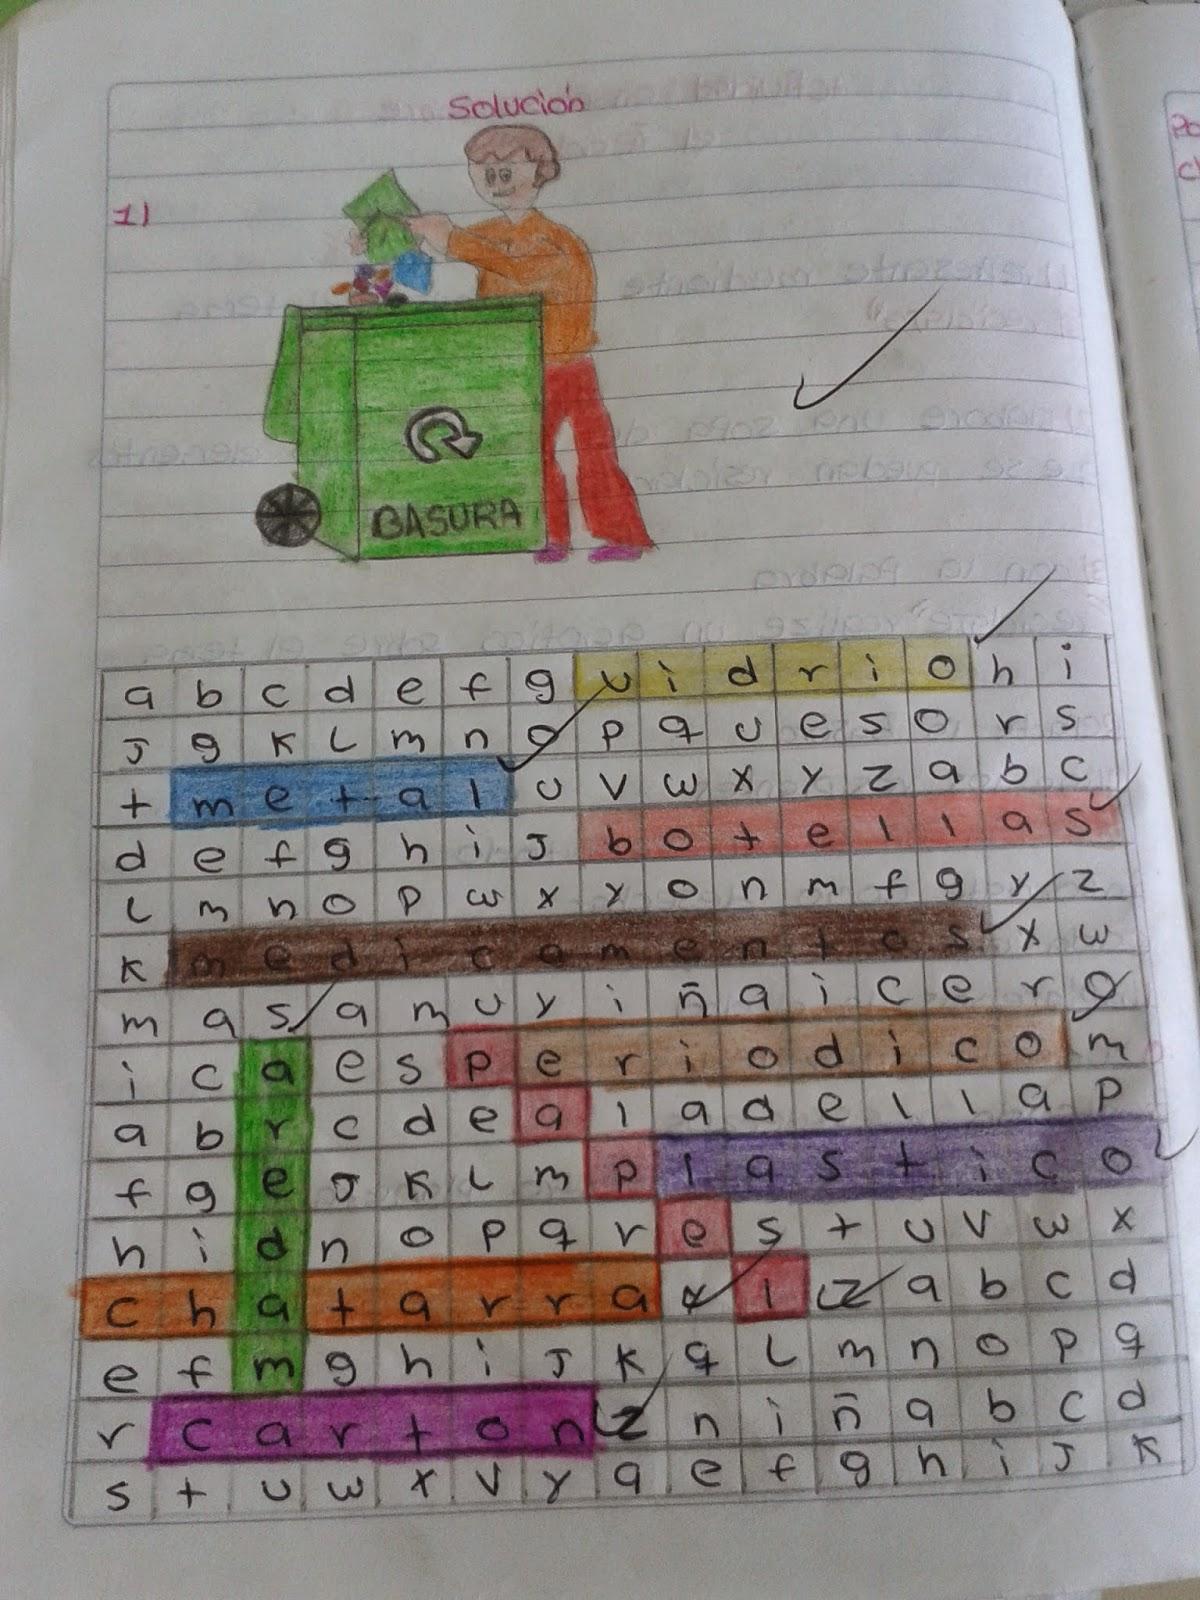 un dibujo, una sopa de letras y un acróstico sobre el reciclaje